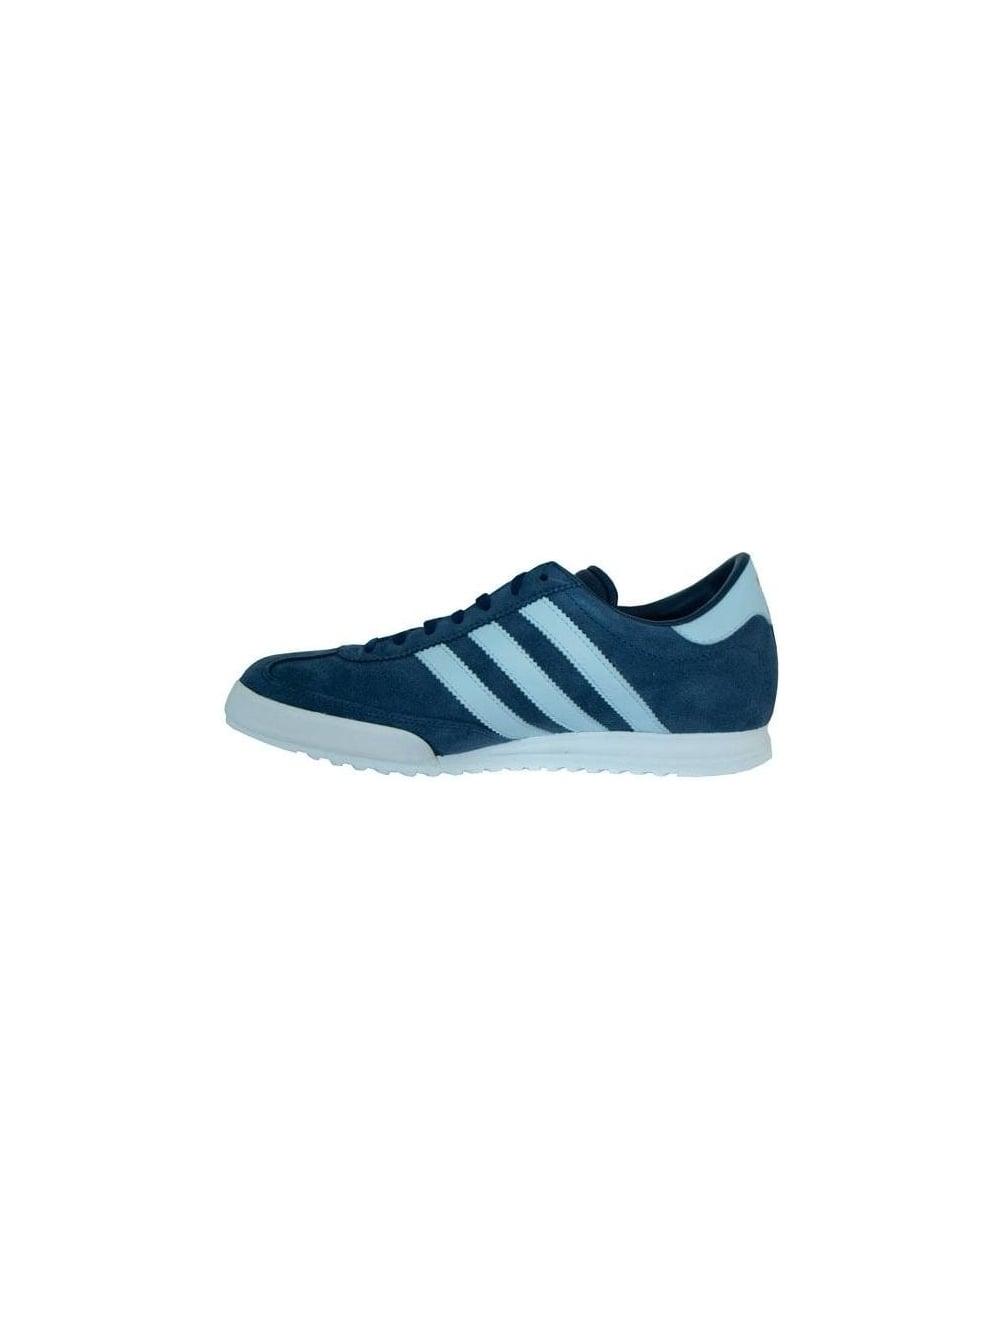 85007af52 Adidas Beckenbauer Trainer in Indigo/White - Shop Adidas Originals ...